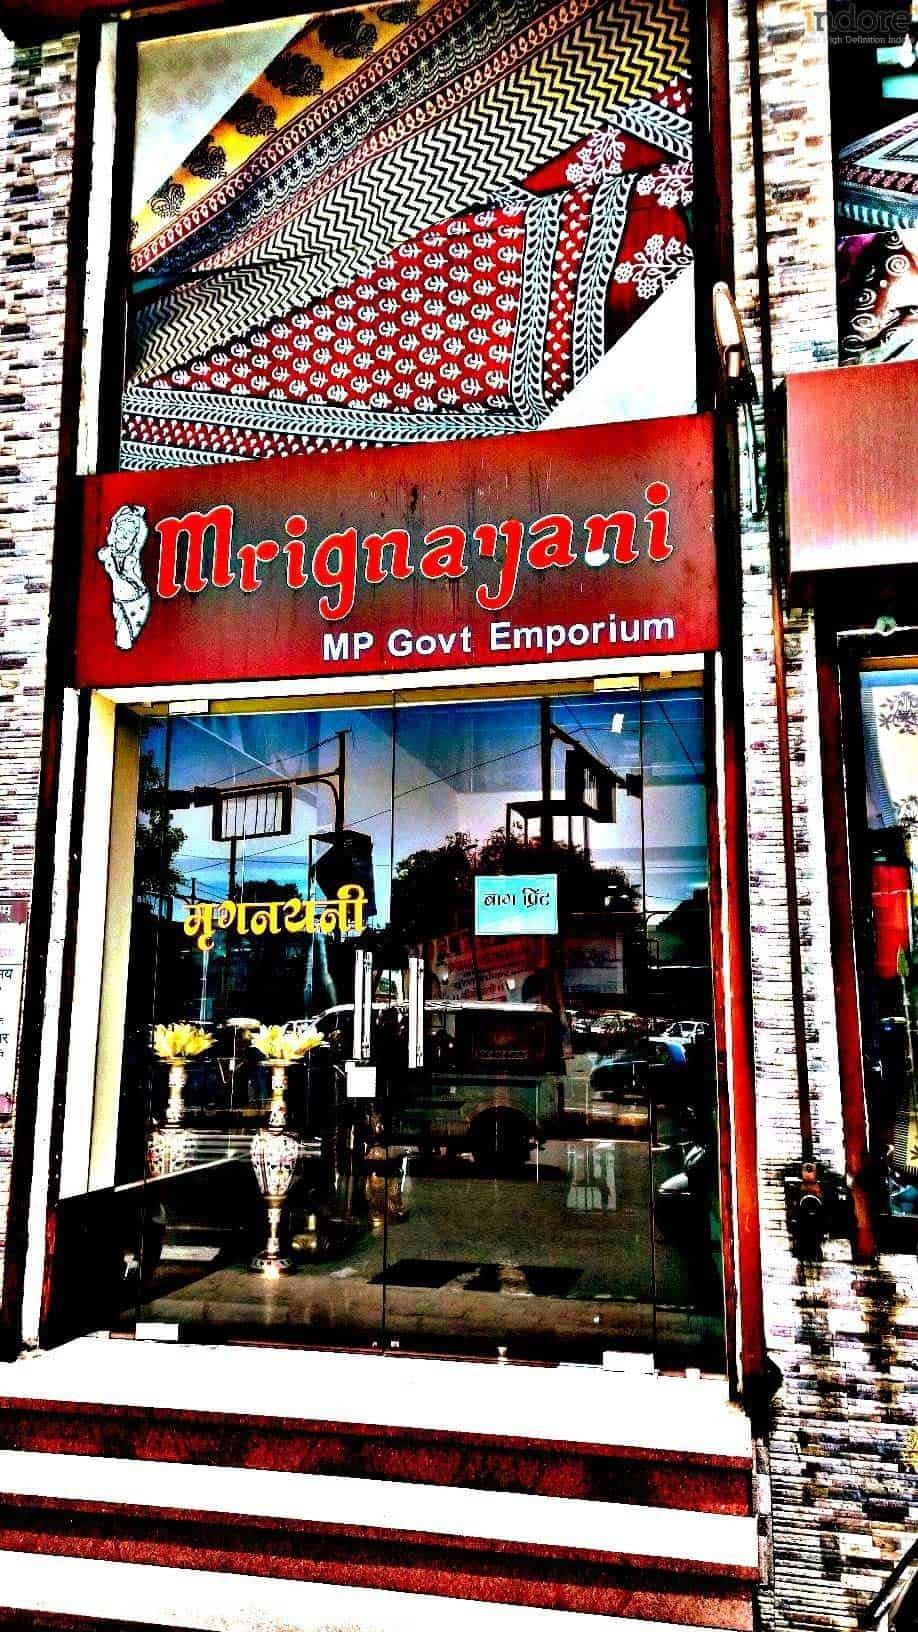 Mrignayani Handicrafts Archives Indorehd